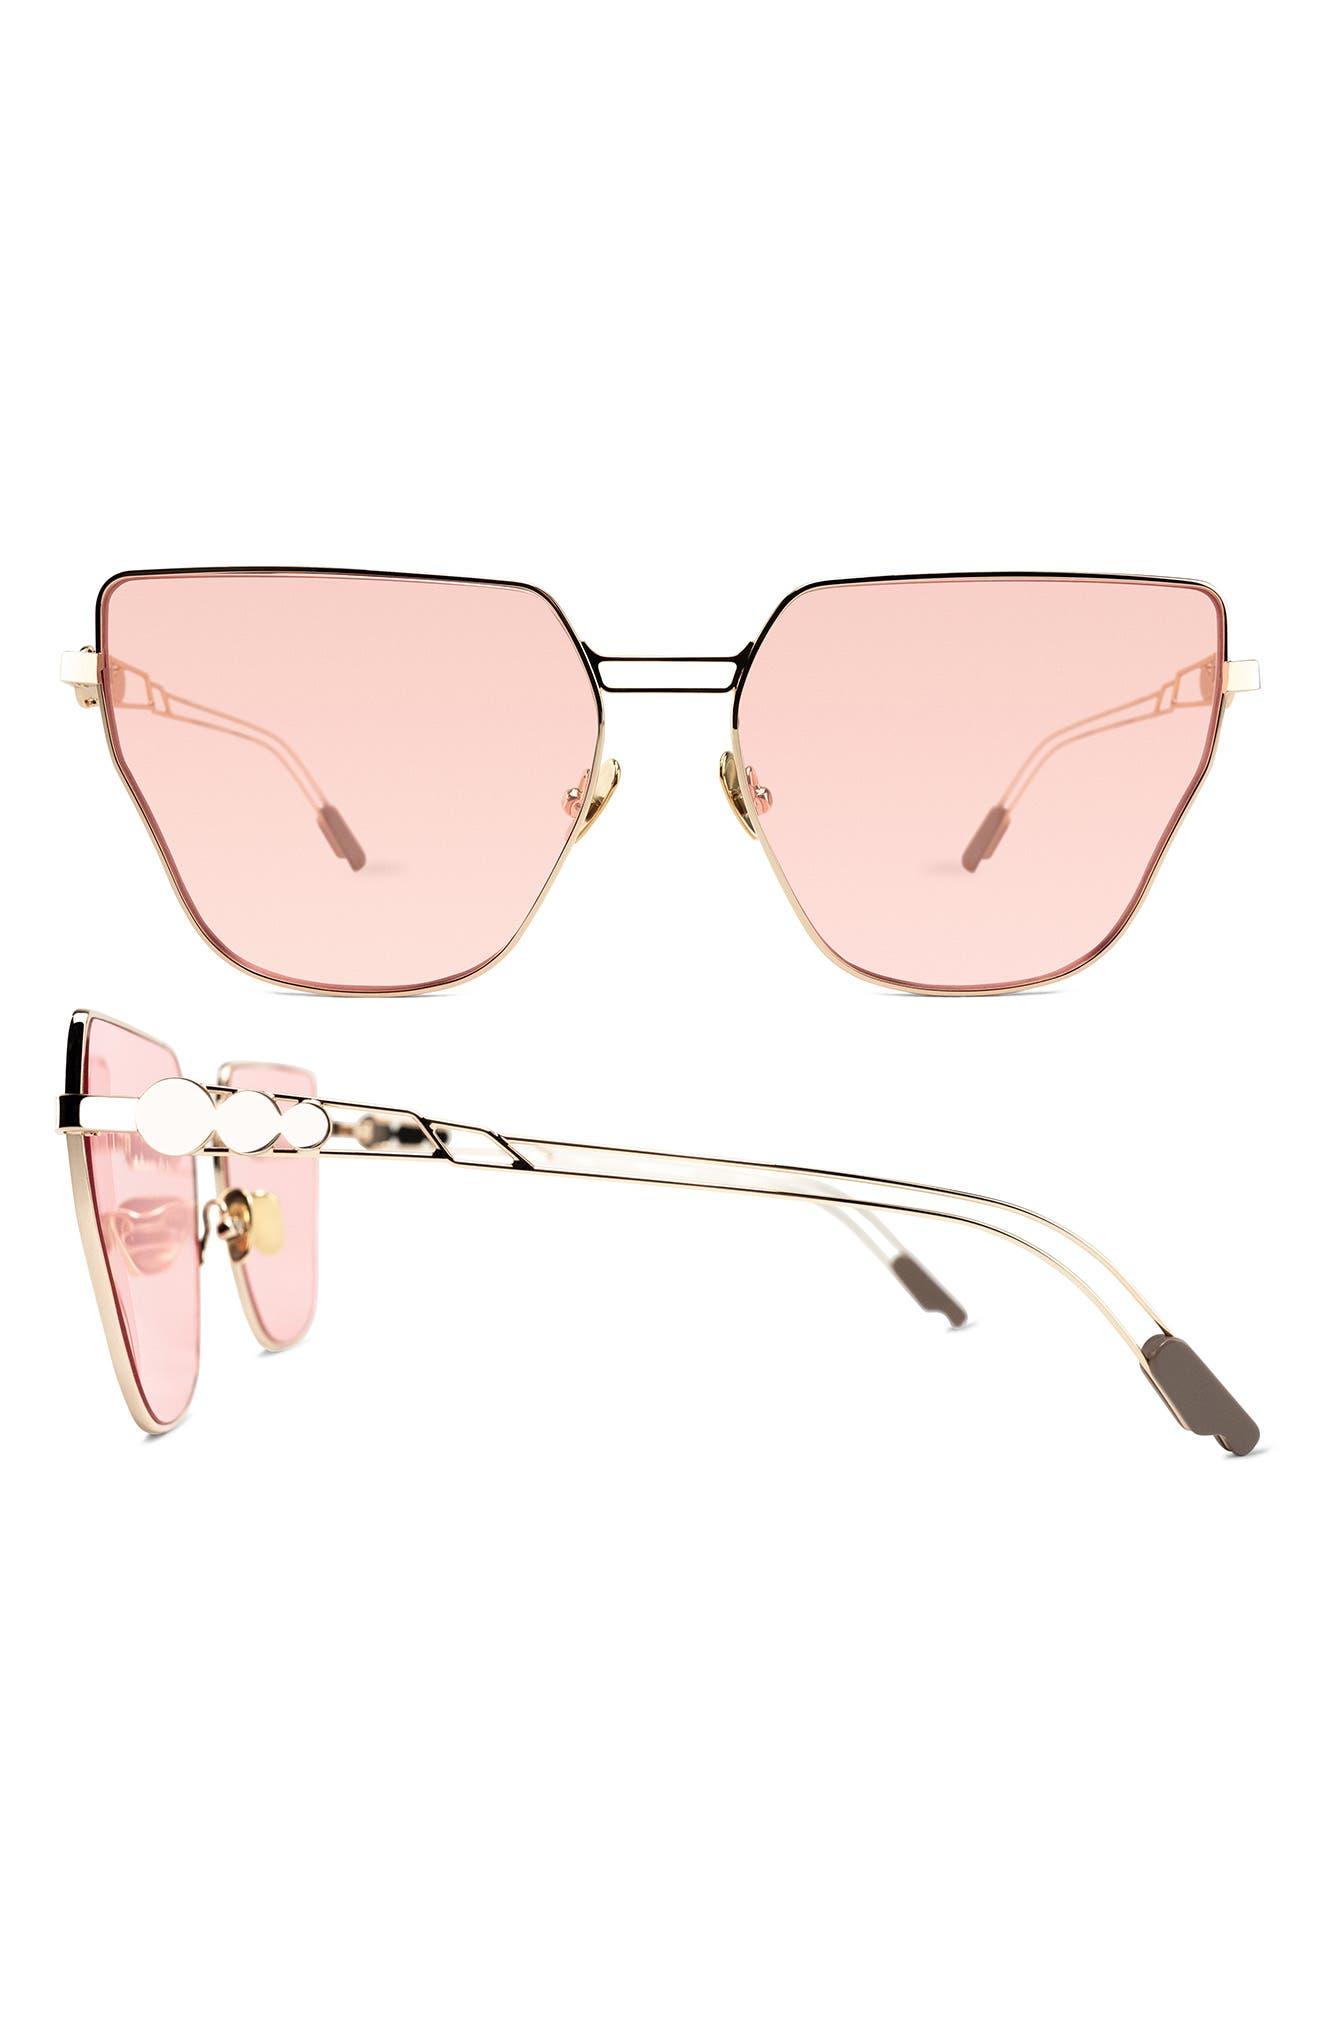 Sharita 63mm Oversize Hexagon Sunglasses